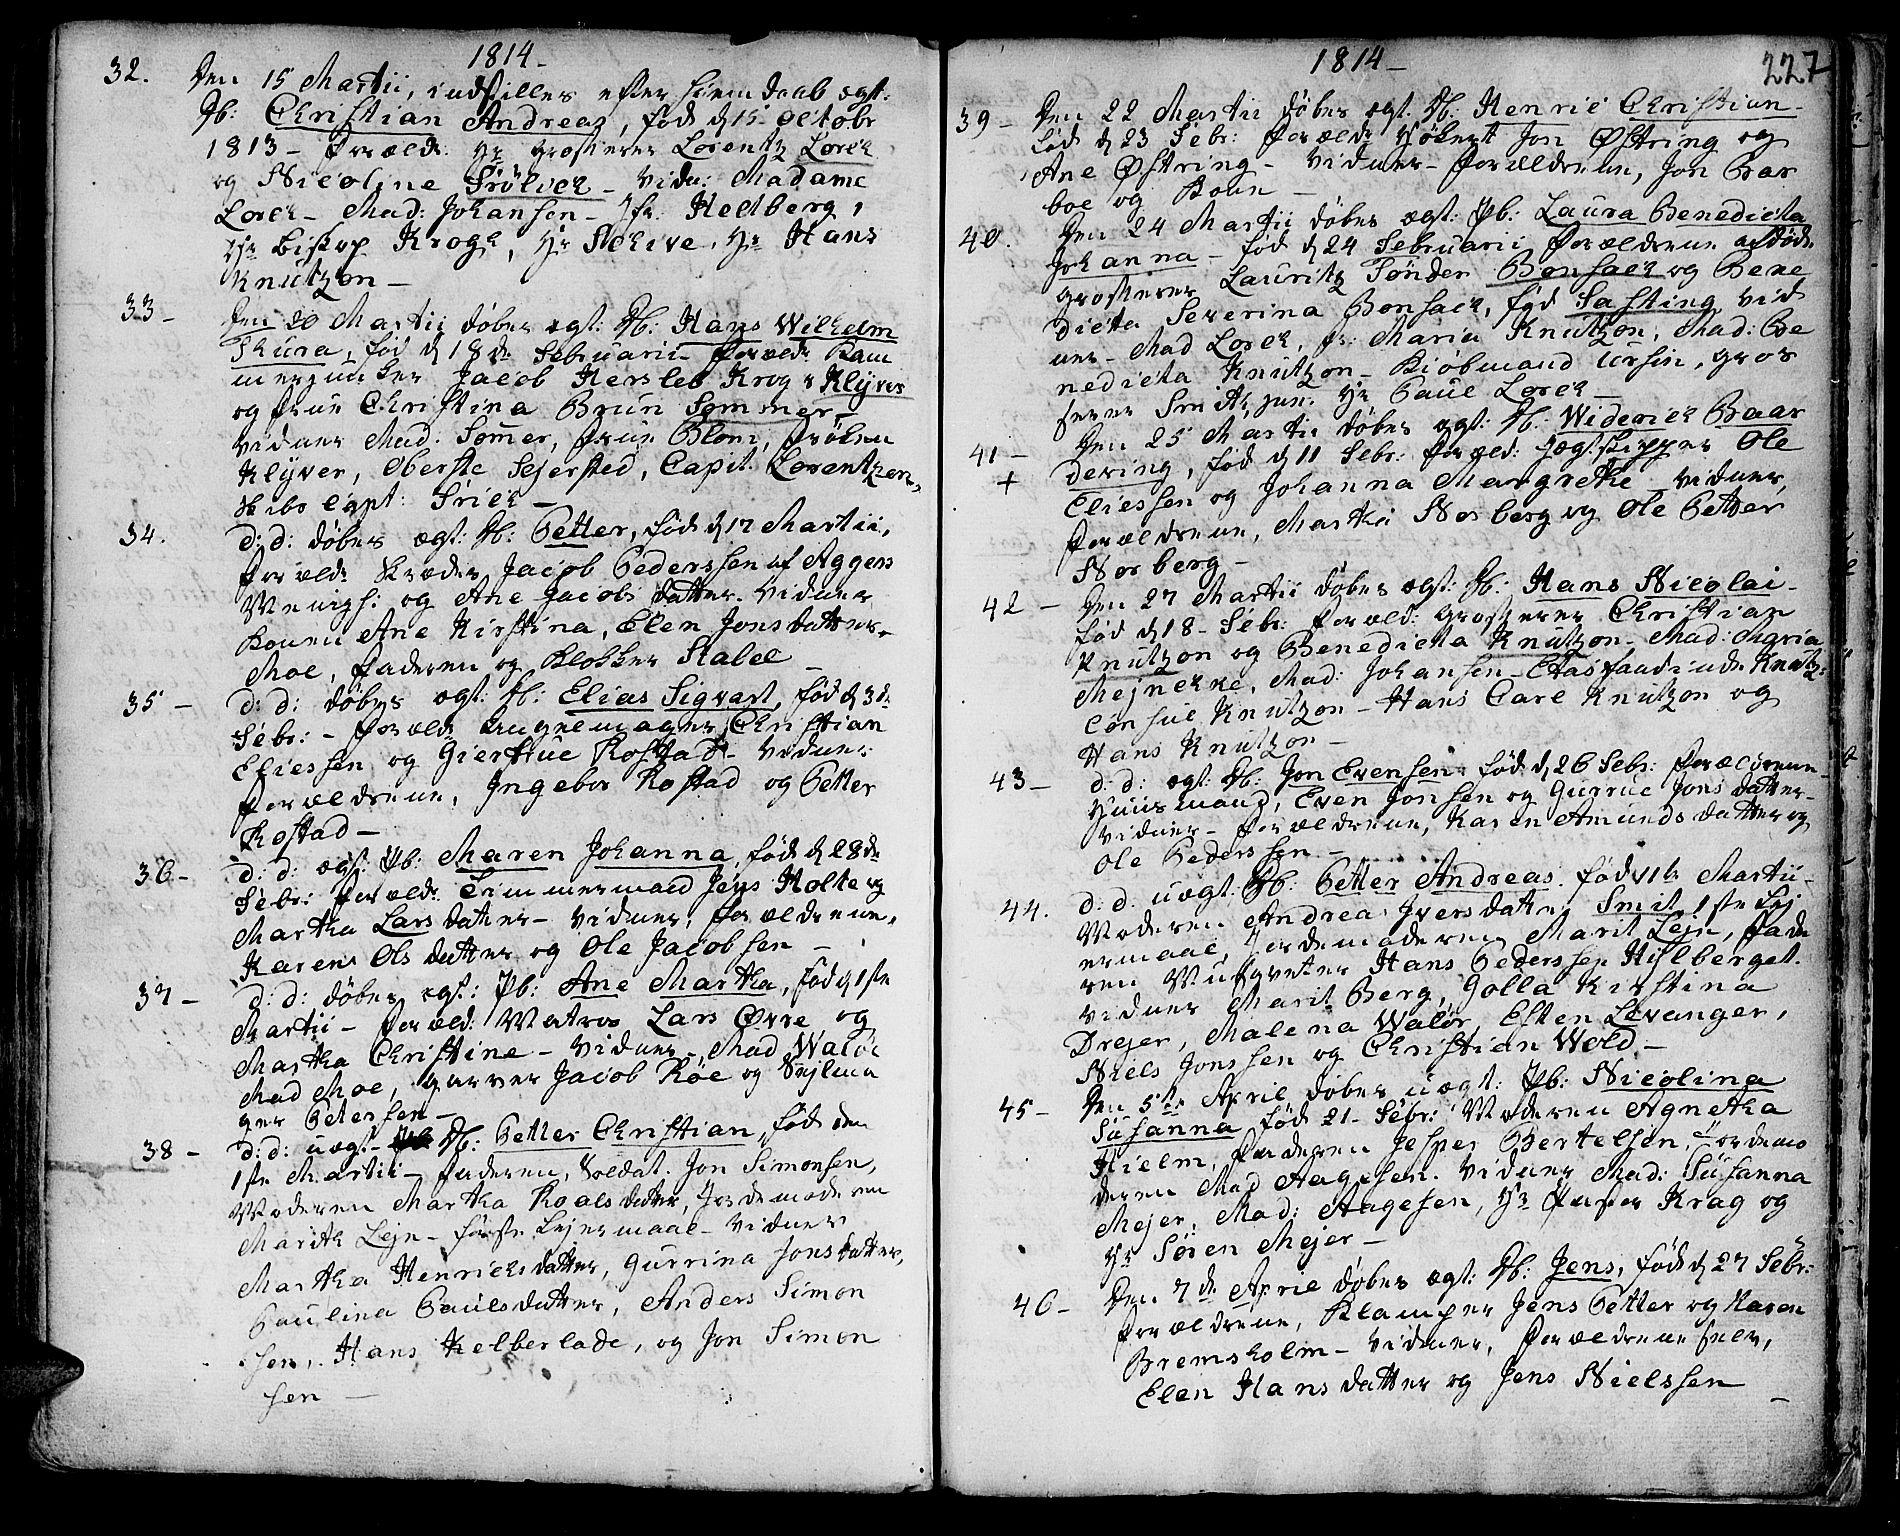 SAT, Ministerialprotokoller, klokkerbøker og fødselsregistre - Sør-Trøndelag, 601/L0039: Ministerialbok nr. 601A07, 1770-1819, s. 227